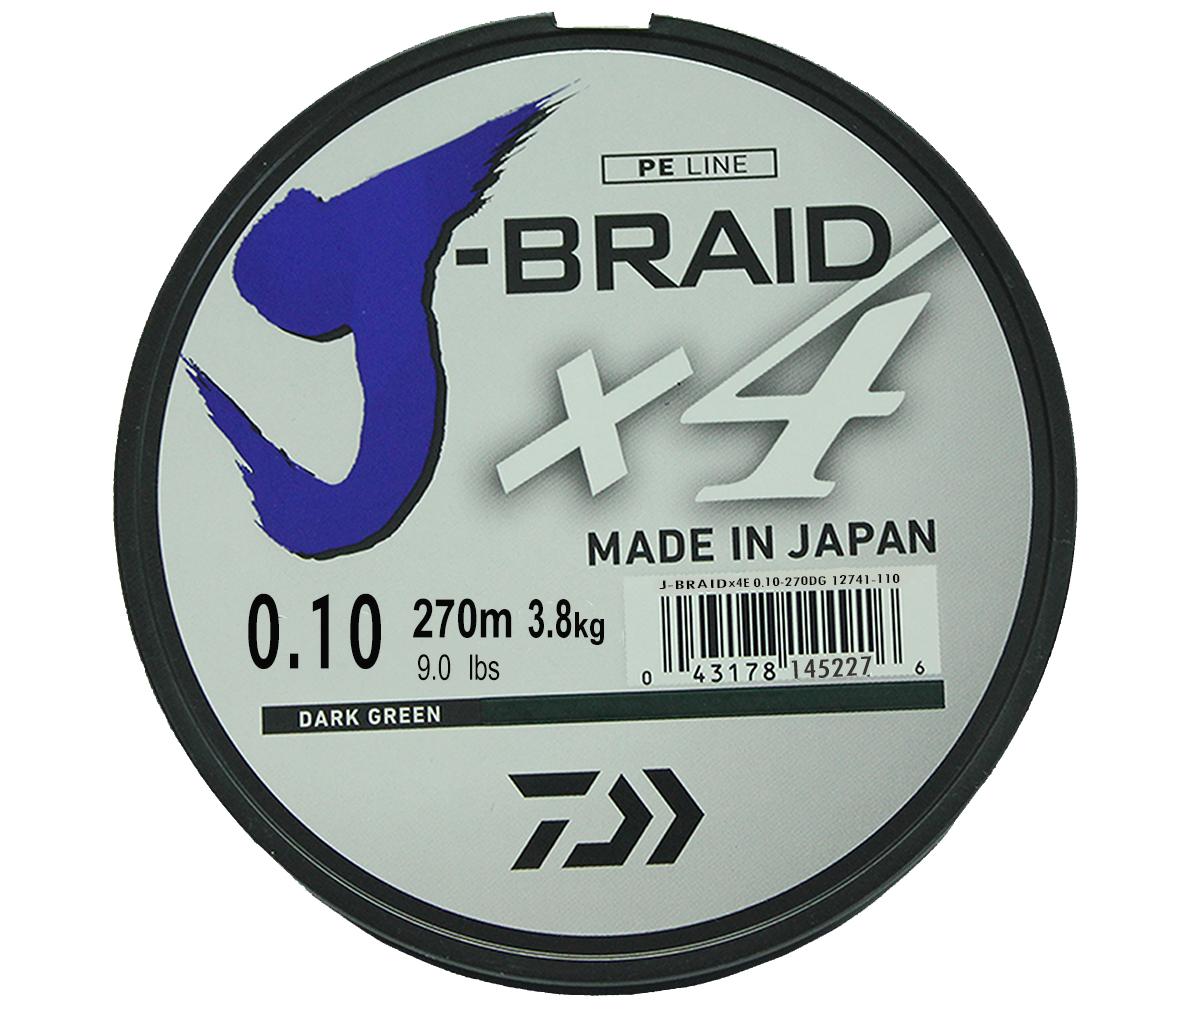 Шнур плетеный Daiwa J-Braid X4, цвет: зеленый, 270 м, 0,10 мм61169Новый четырехжильный шнур J-Braid от Daiwa - шнур высокого класса с удивительным соотношением цены и качества. Качество плетения полностью соответствует японским стандартам и удовлетворяет всем требованиям. Представленные диаметры позволяют использовать шнур для всех техник ловли, начиная от Ultra-Light ловли окуня, до морской ловли палтуса, трески и так далее.